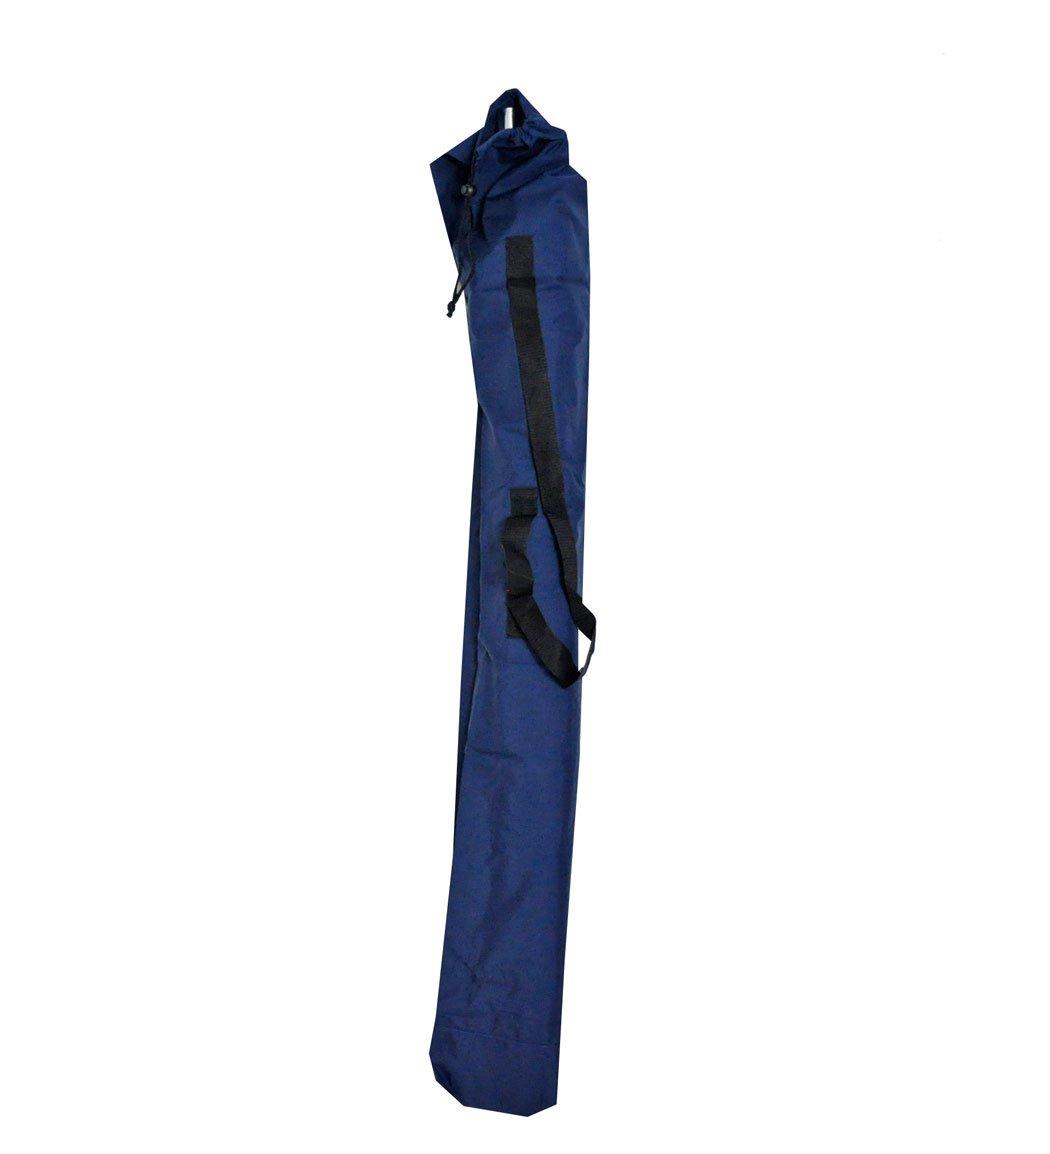 Commercial Grade Heavy Duty Umbrella Carry Bag for Beach and Patio Umbrellas